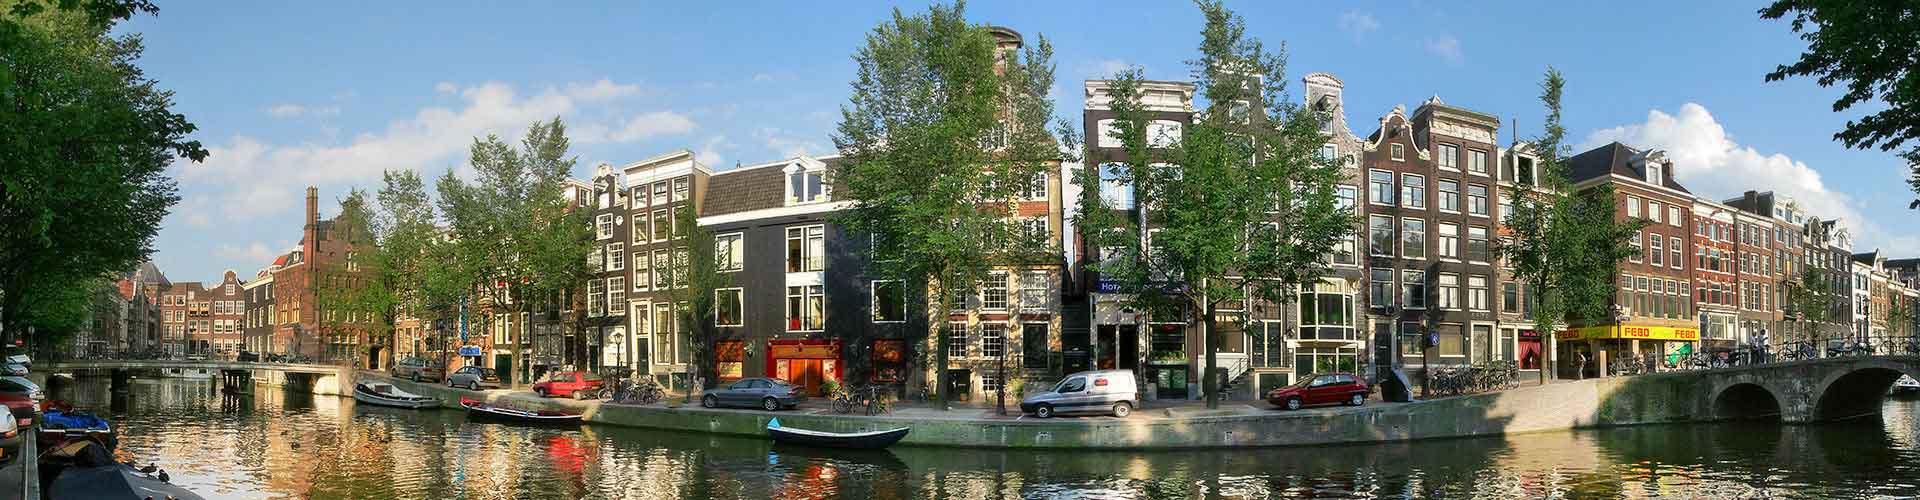 Amsterdam - Zimmer nahe Stadtzentrum. Amsterdam auf der Karte. Fotos und Bewertungen für jedes Zimmer in Amsterdam.